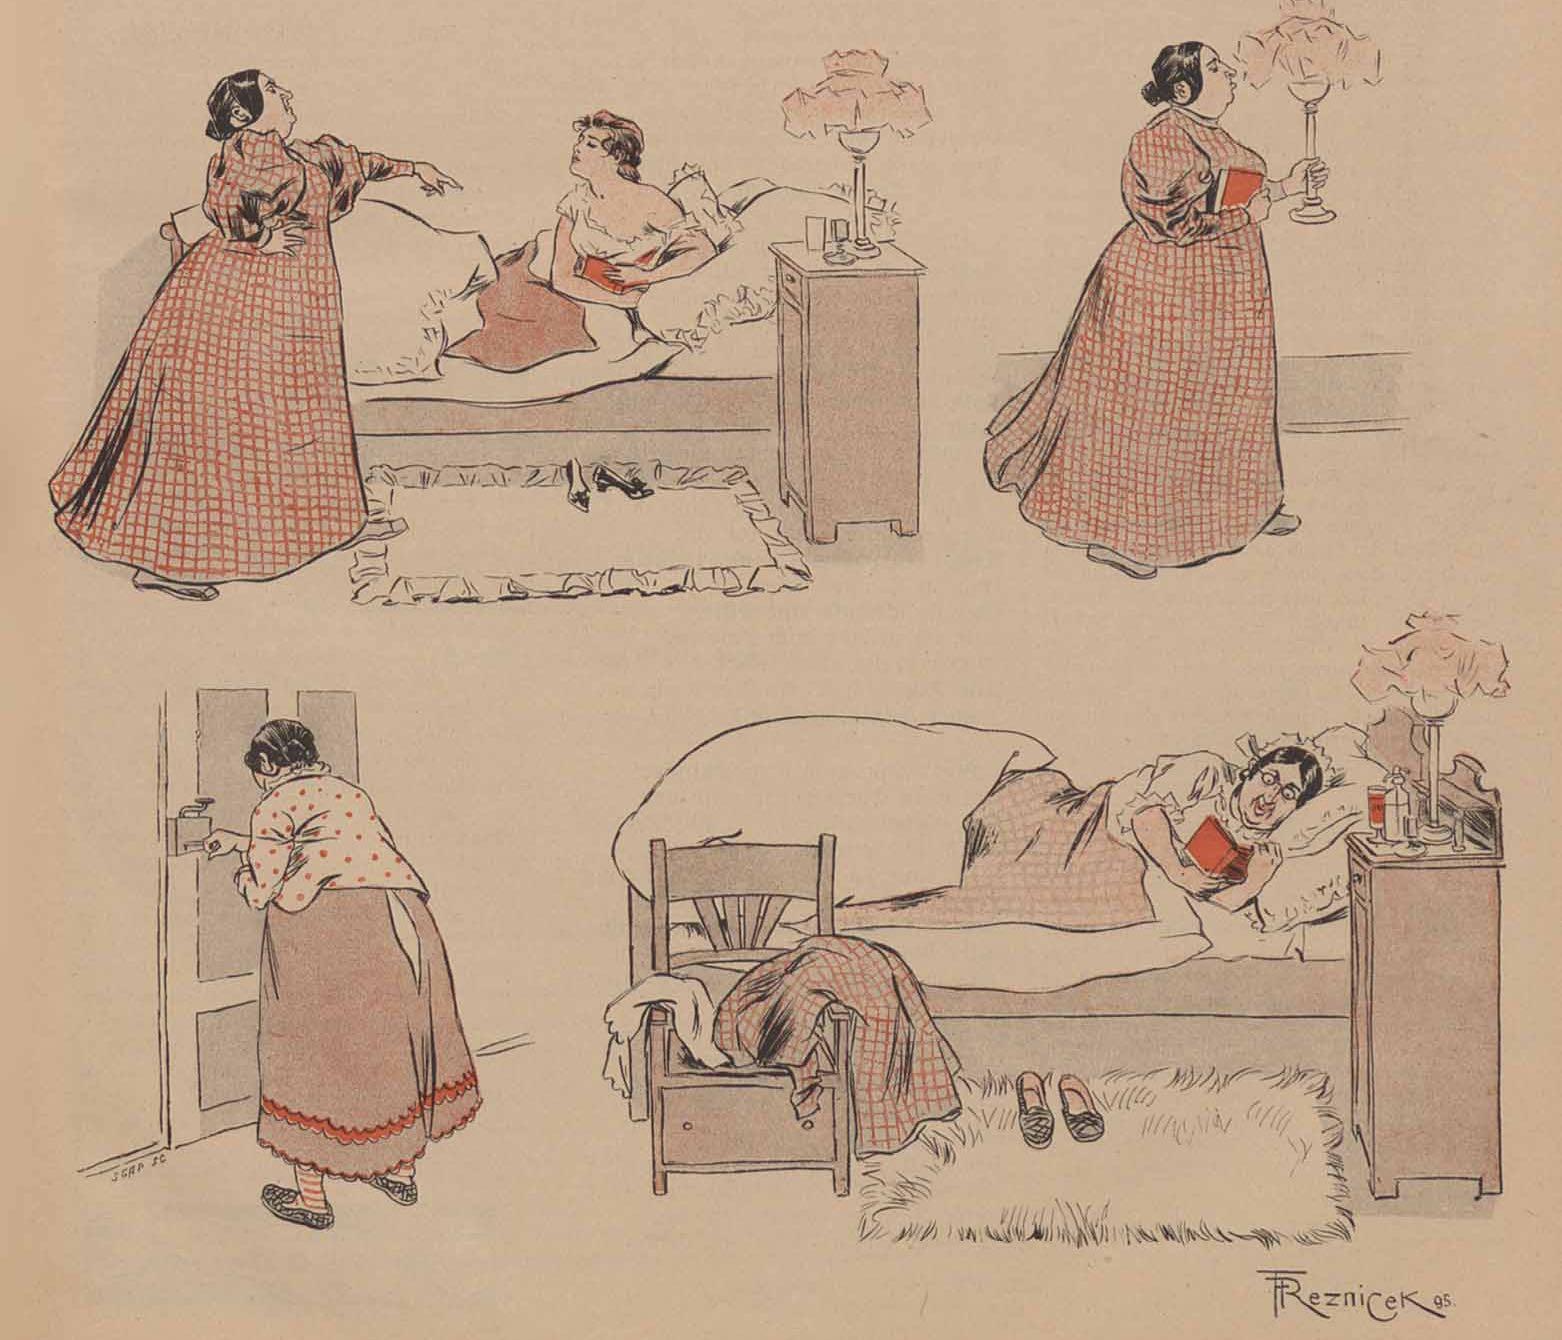 Une histoire muette en images par Ferdinand von Rezniček, dans Simplicissimus.